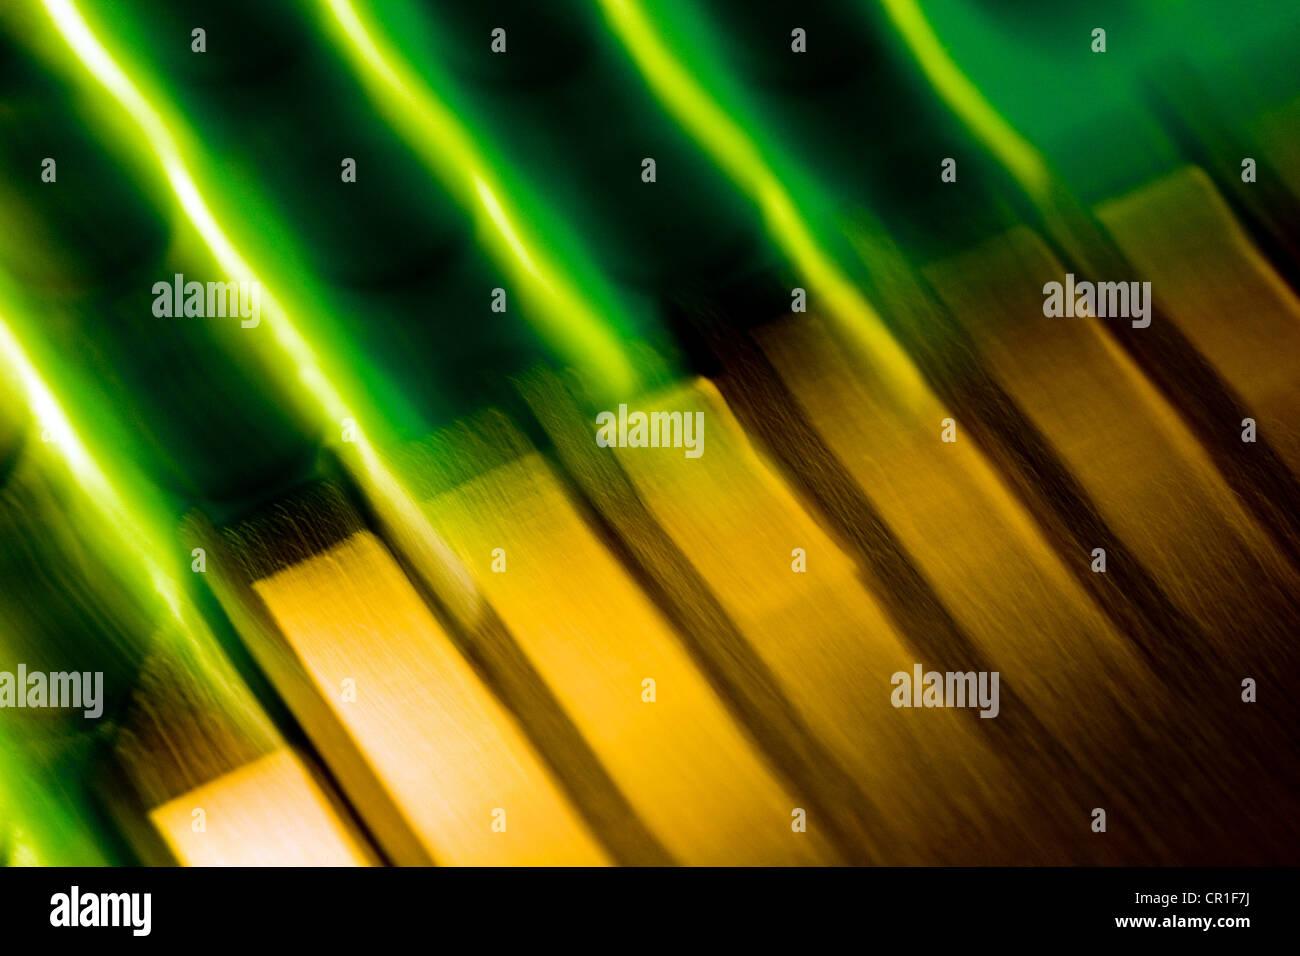 Contacts électroniques, résumé image prise avec un objectif macro à fort grossissement. Photo Stock